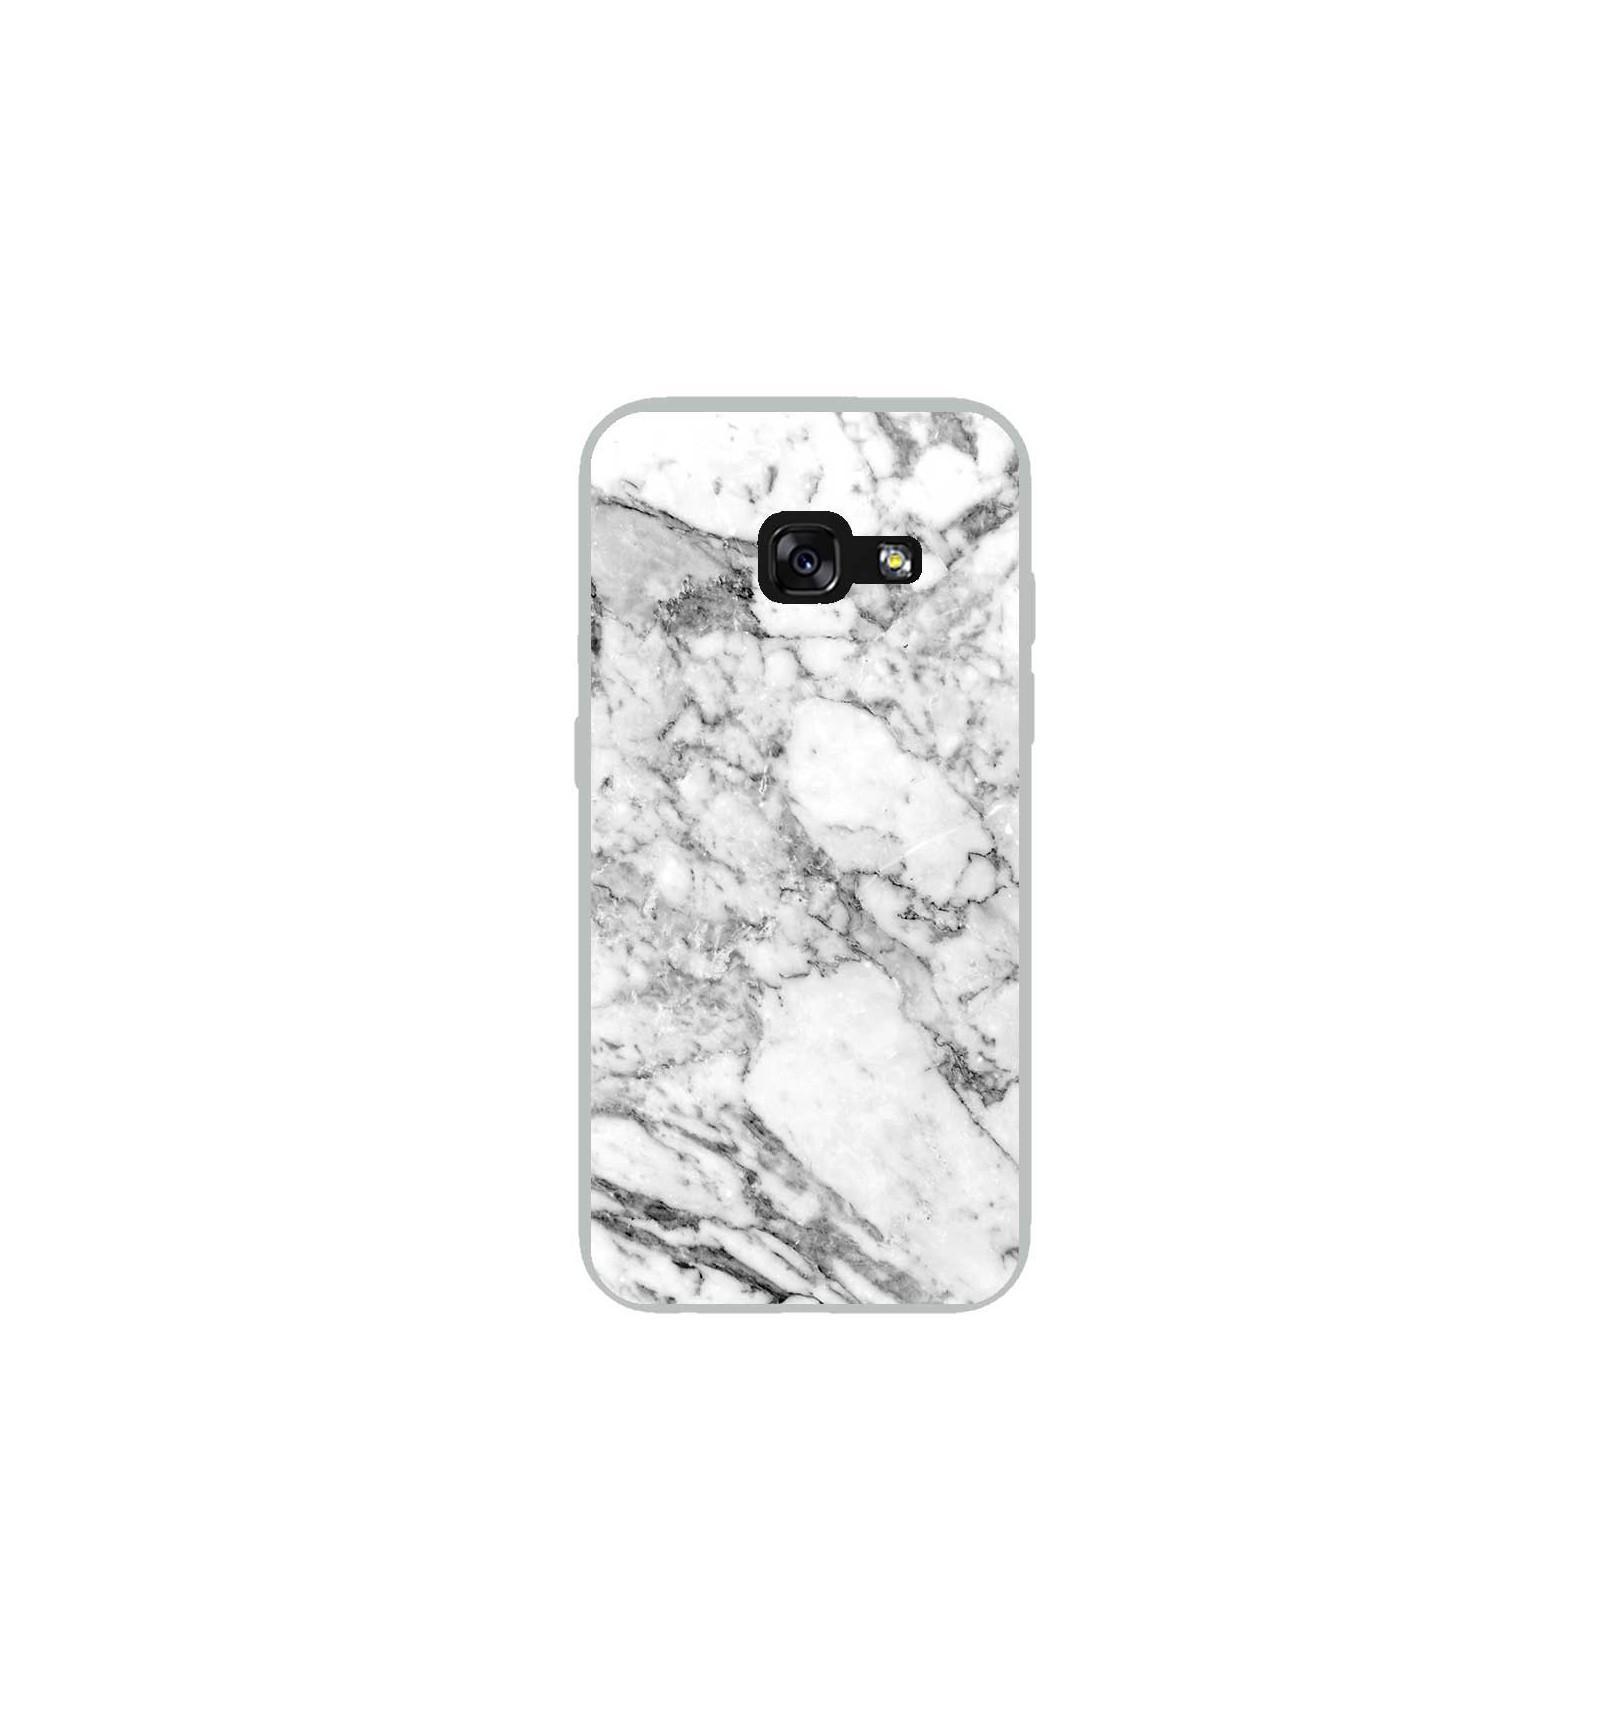 coque marbree huawei y6